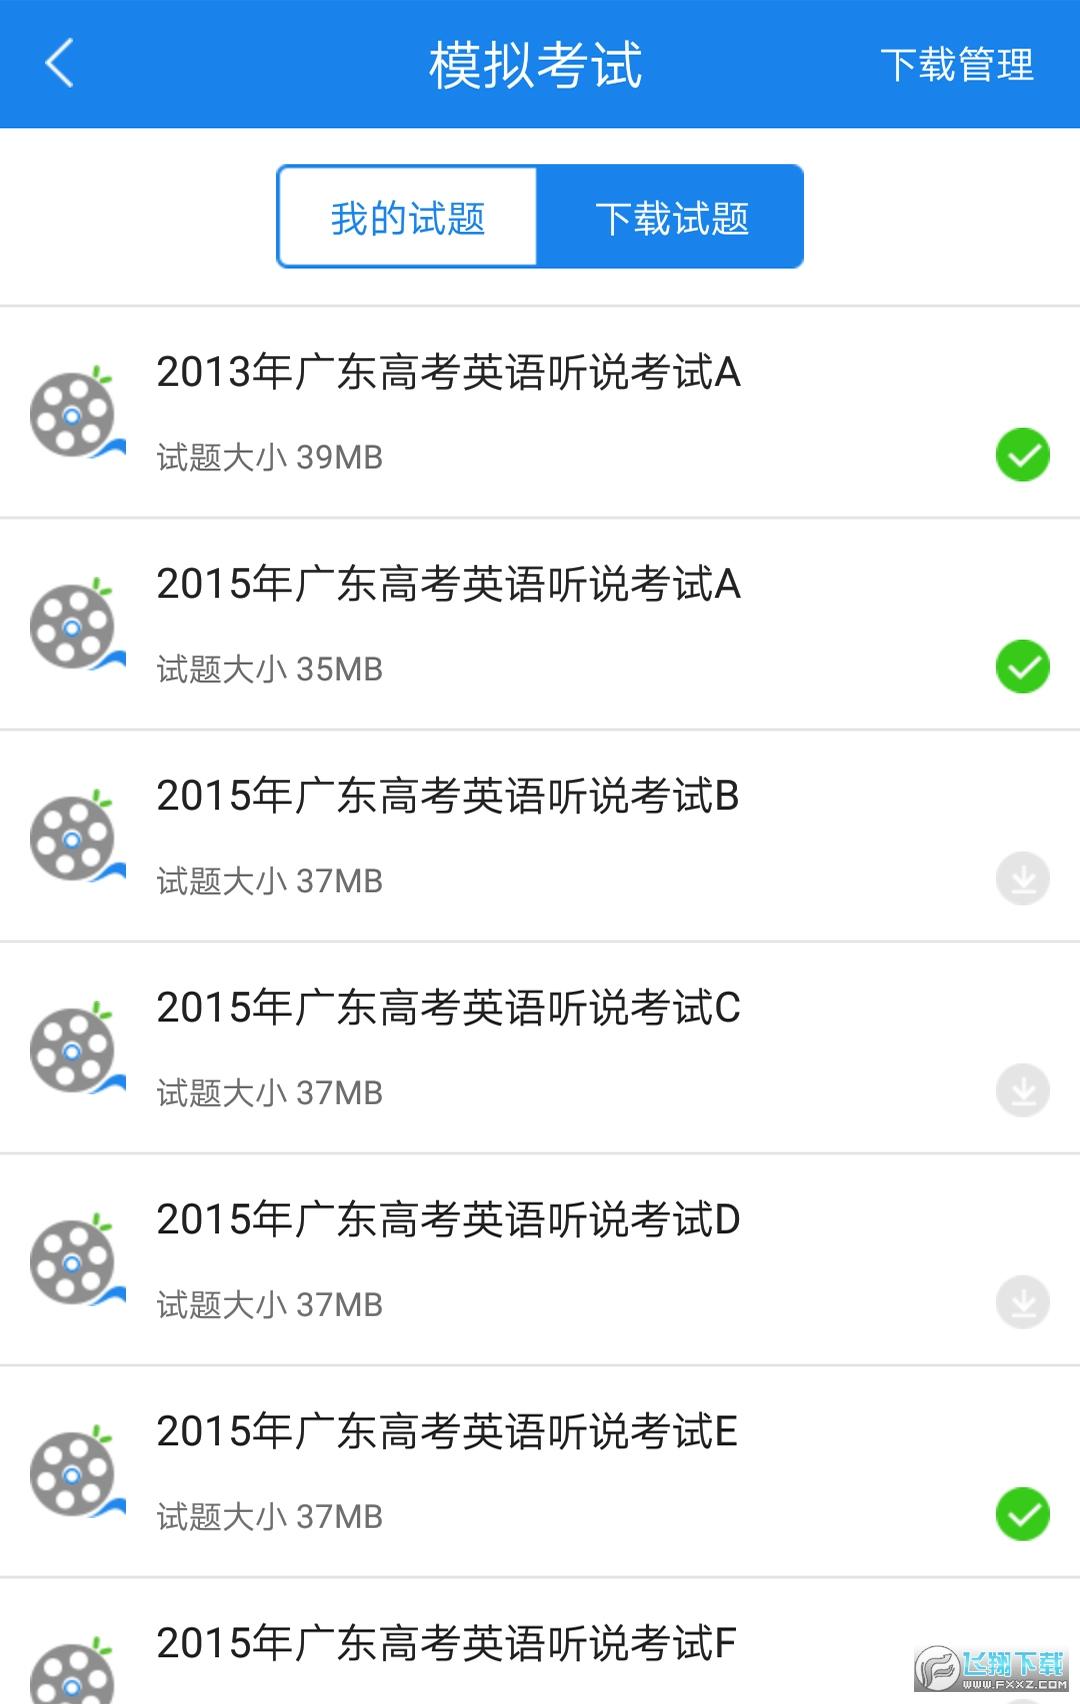 口语无忧安卓版v3.2.11最新版截图1